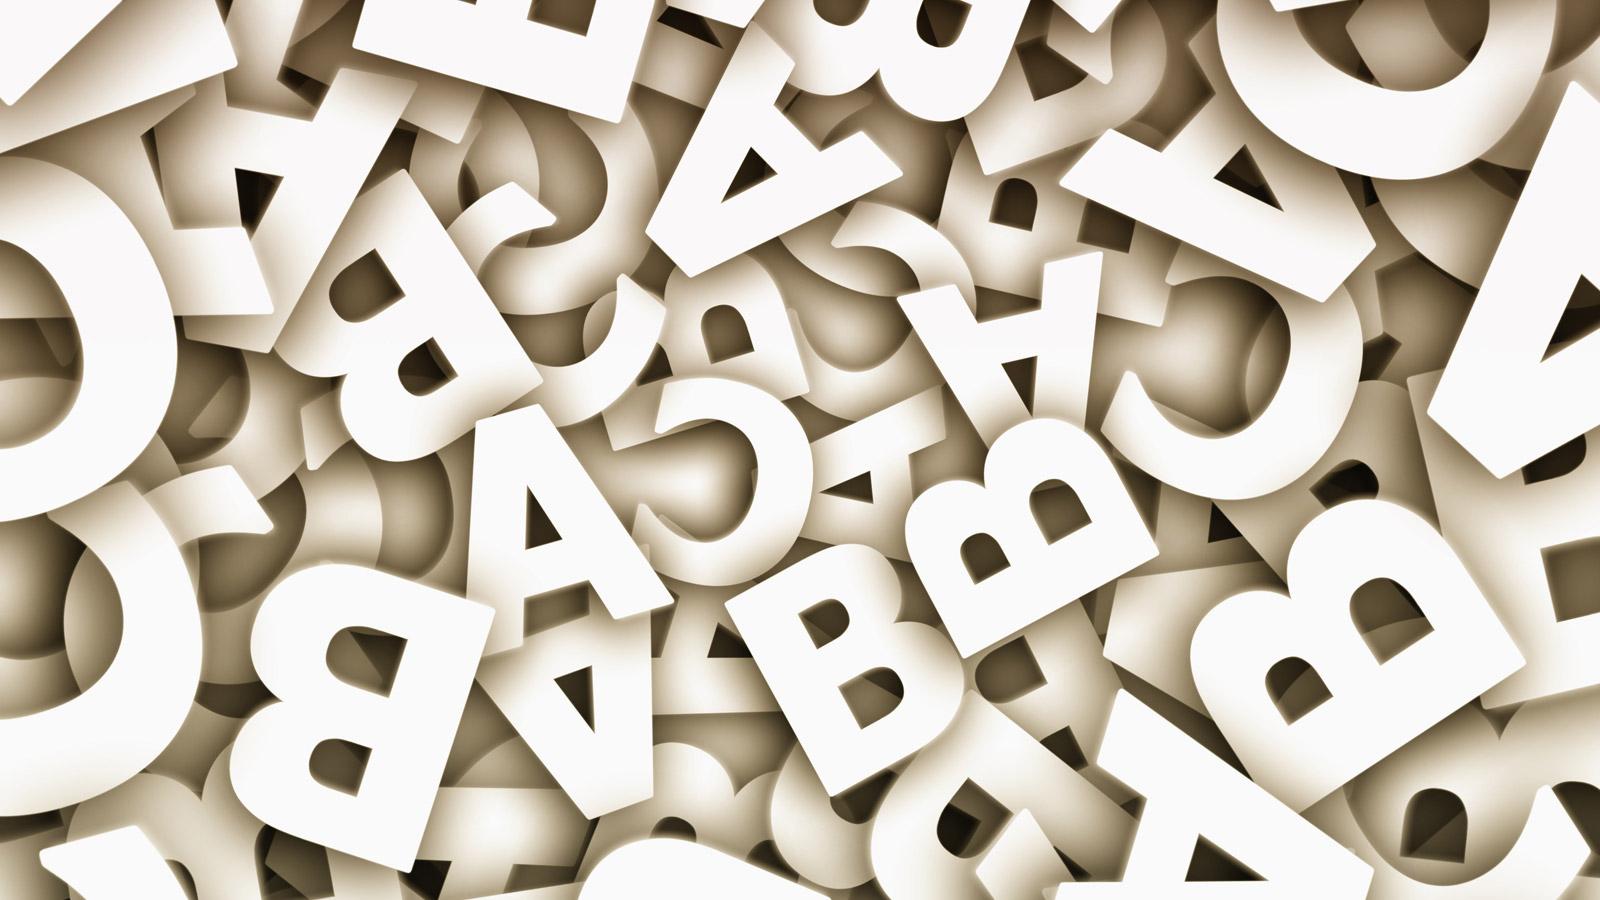 قرار دادن کلید واژه های اصلی یک صفحه در ابتدای تگ عنوان